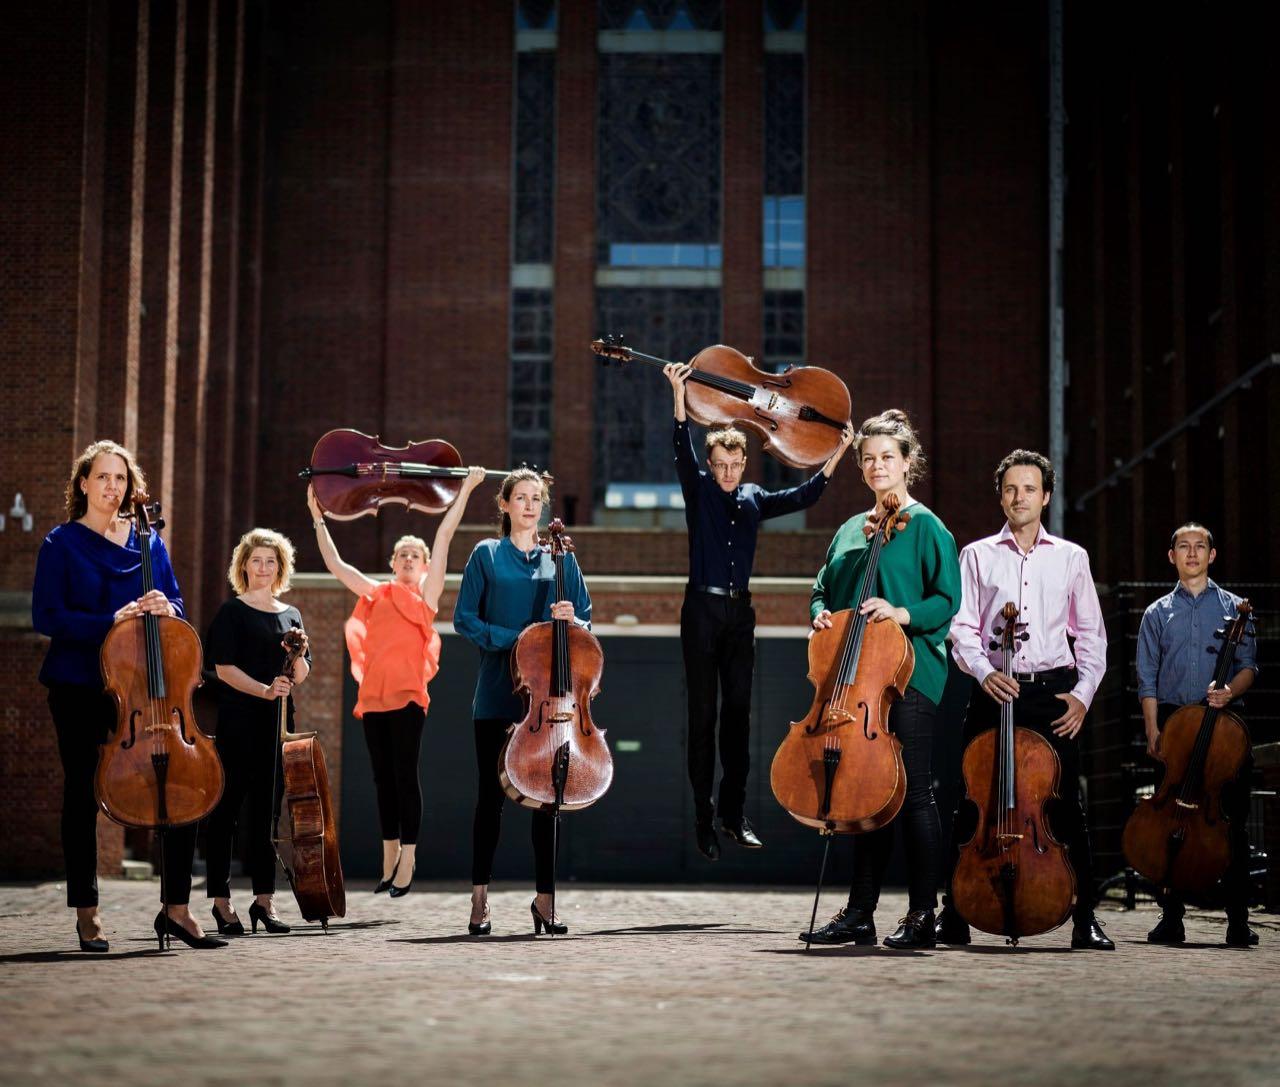 CelloOctet Amsterdam op 20 maart in Tienhoven